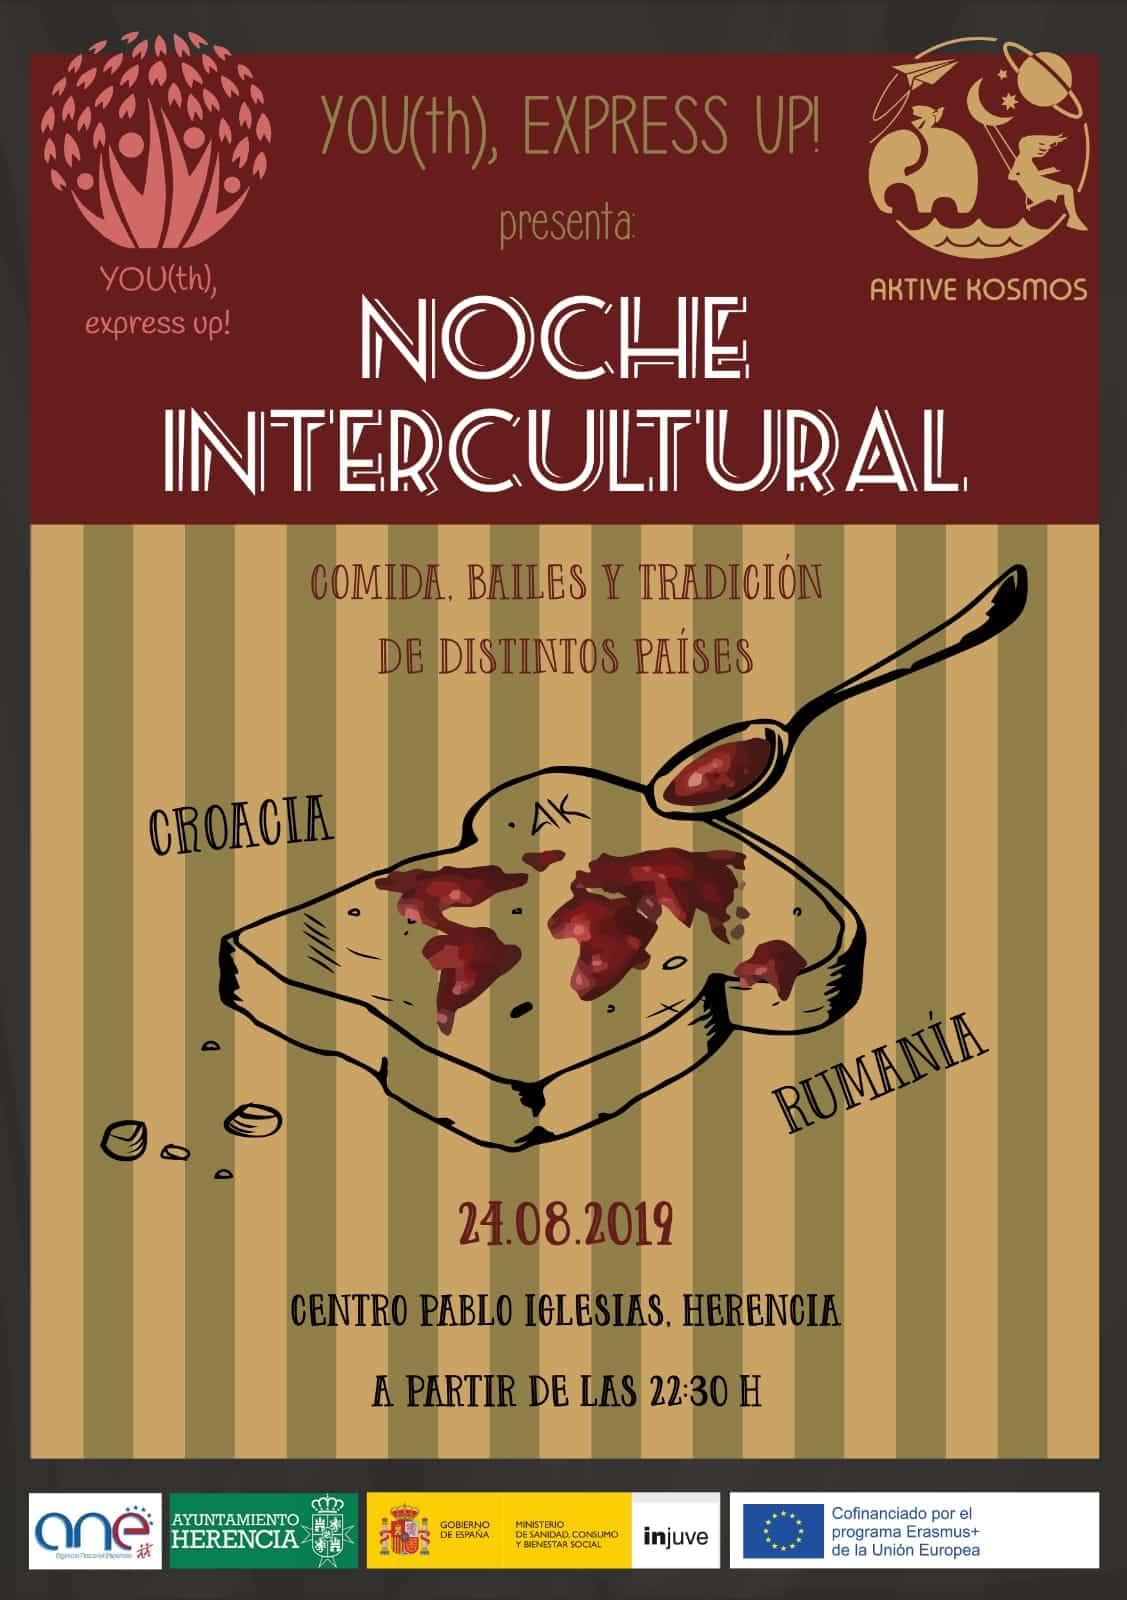 Segunda Noche Intercultural del proyecto Erasmus+ Youth Express Up! 3